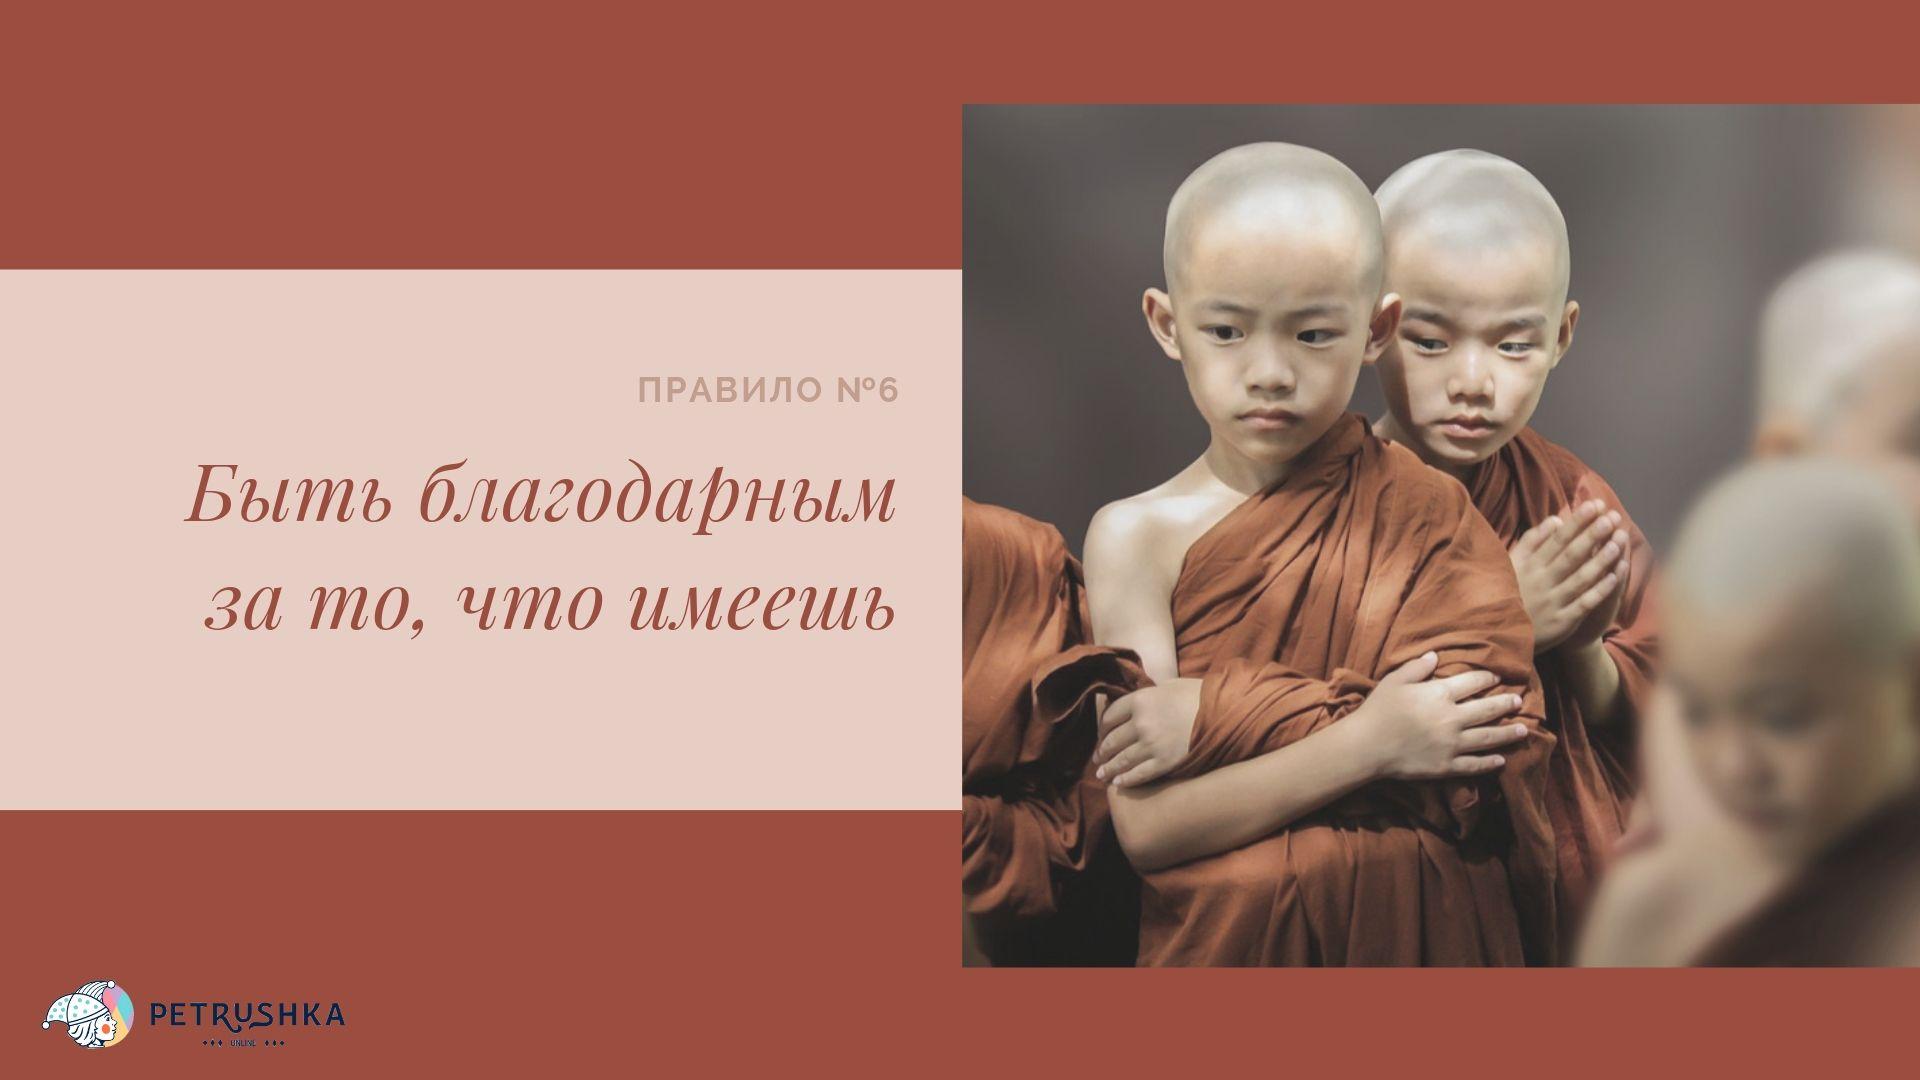 Прощение и медитация: 7 секретов спокойствия тибетских монахов